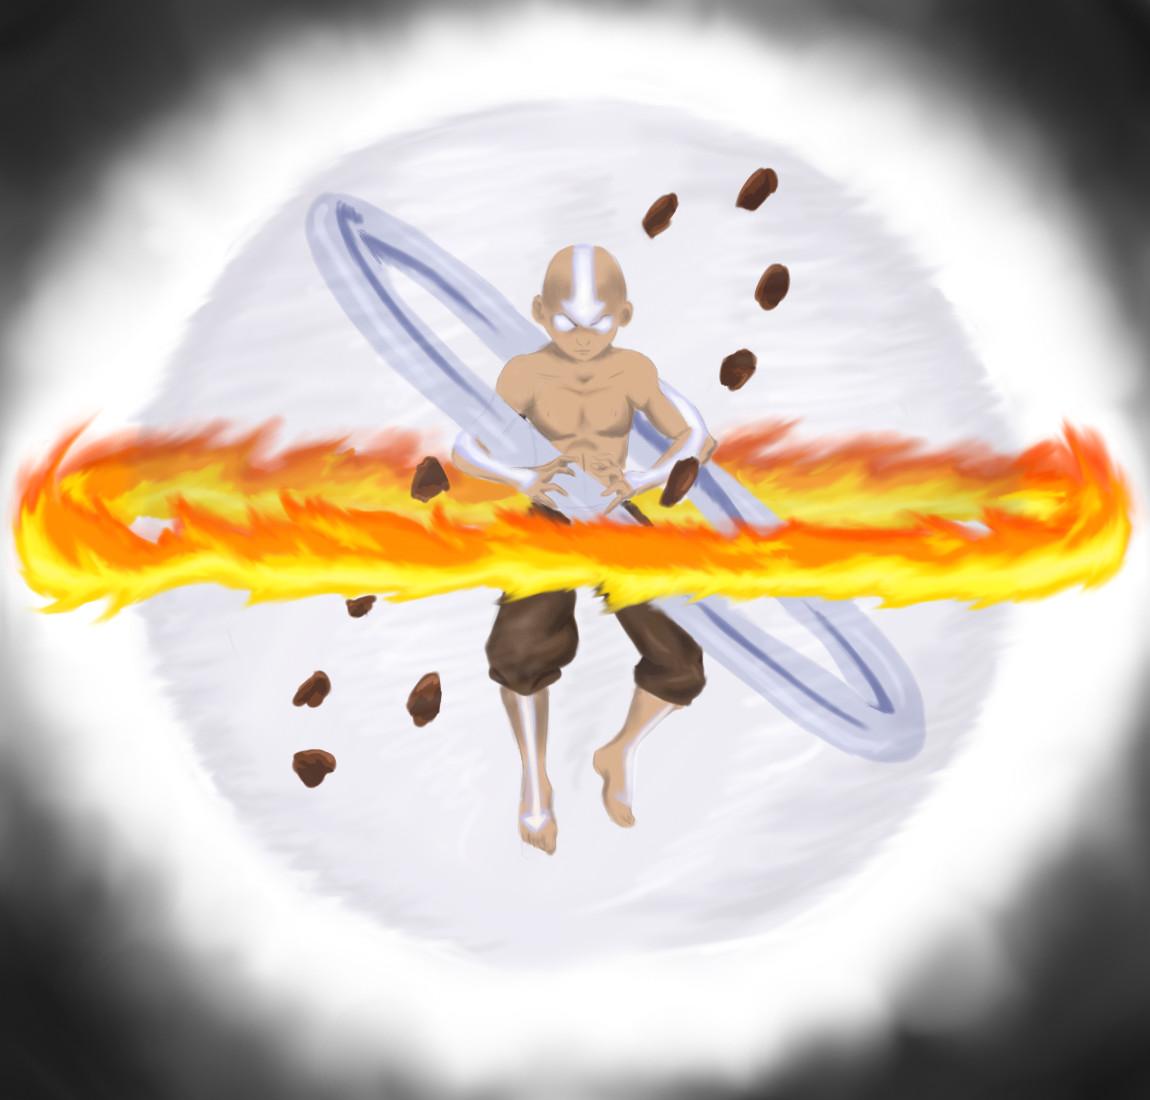 Avatar aang avatar aang 32004932 1150 1100